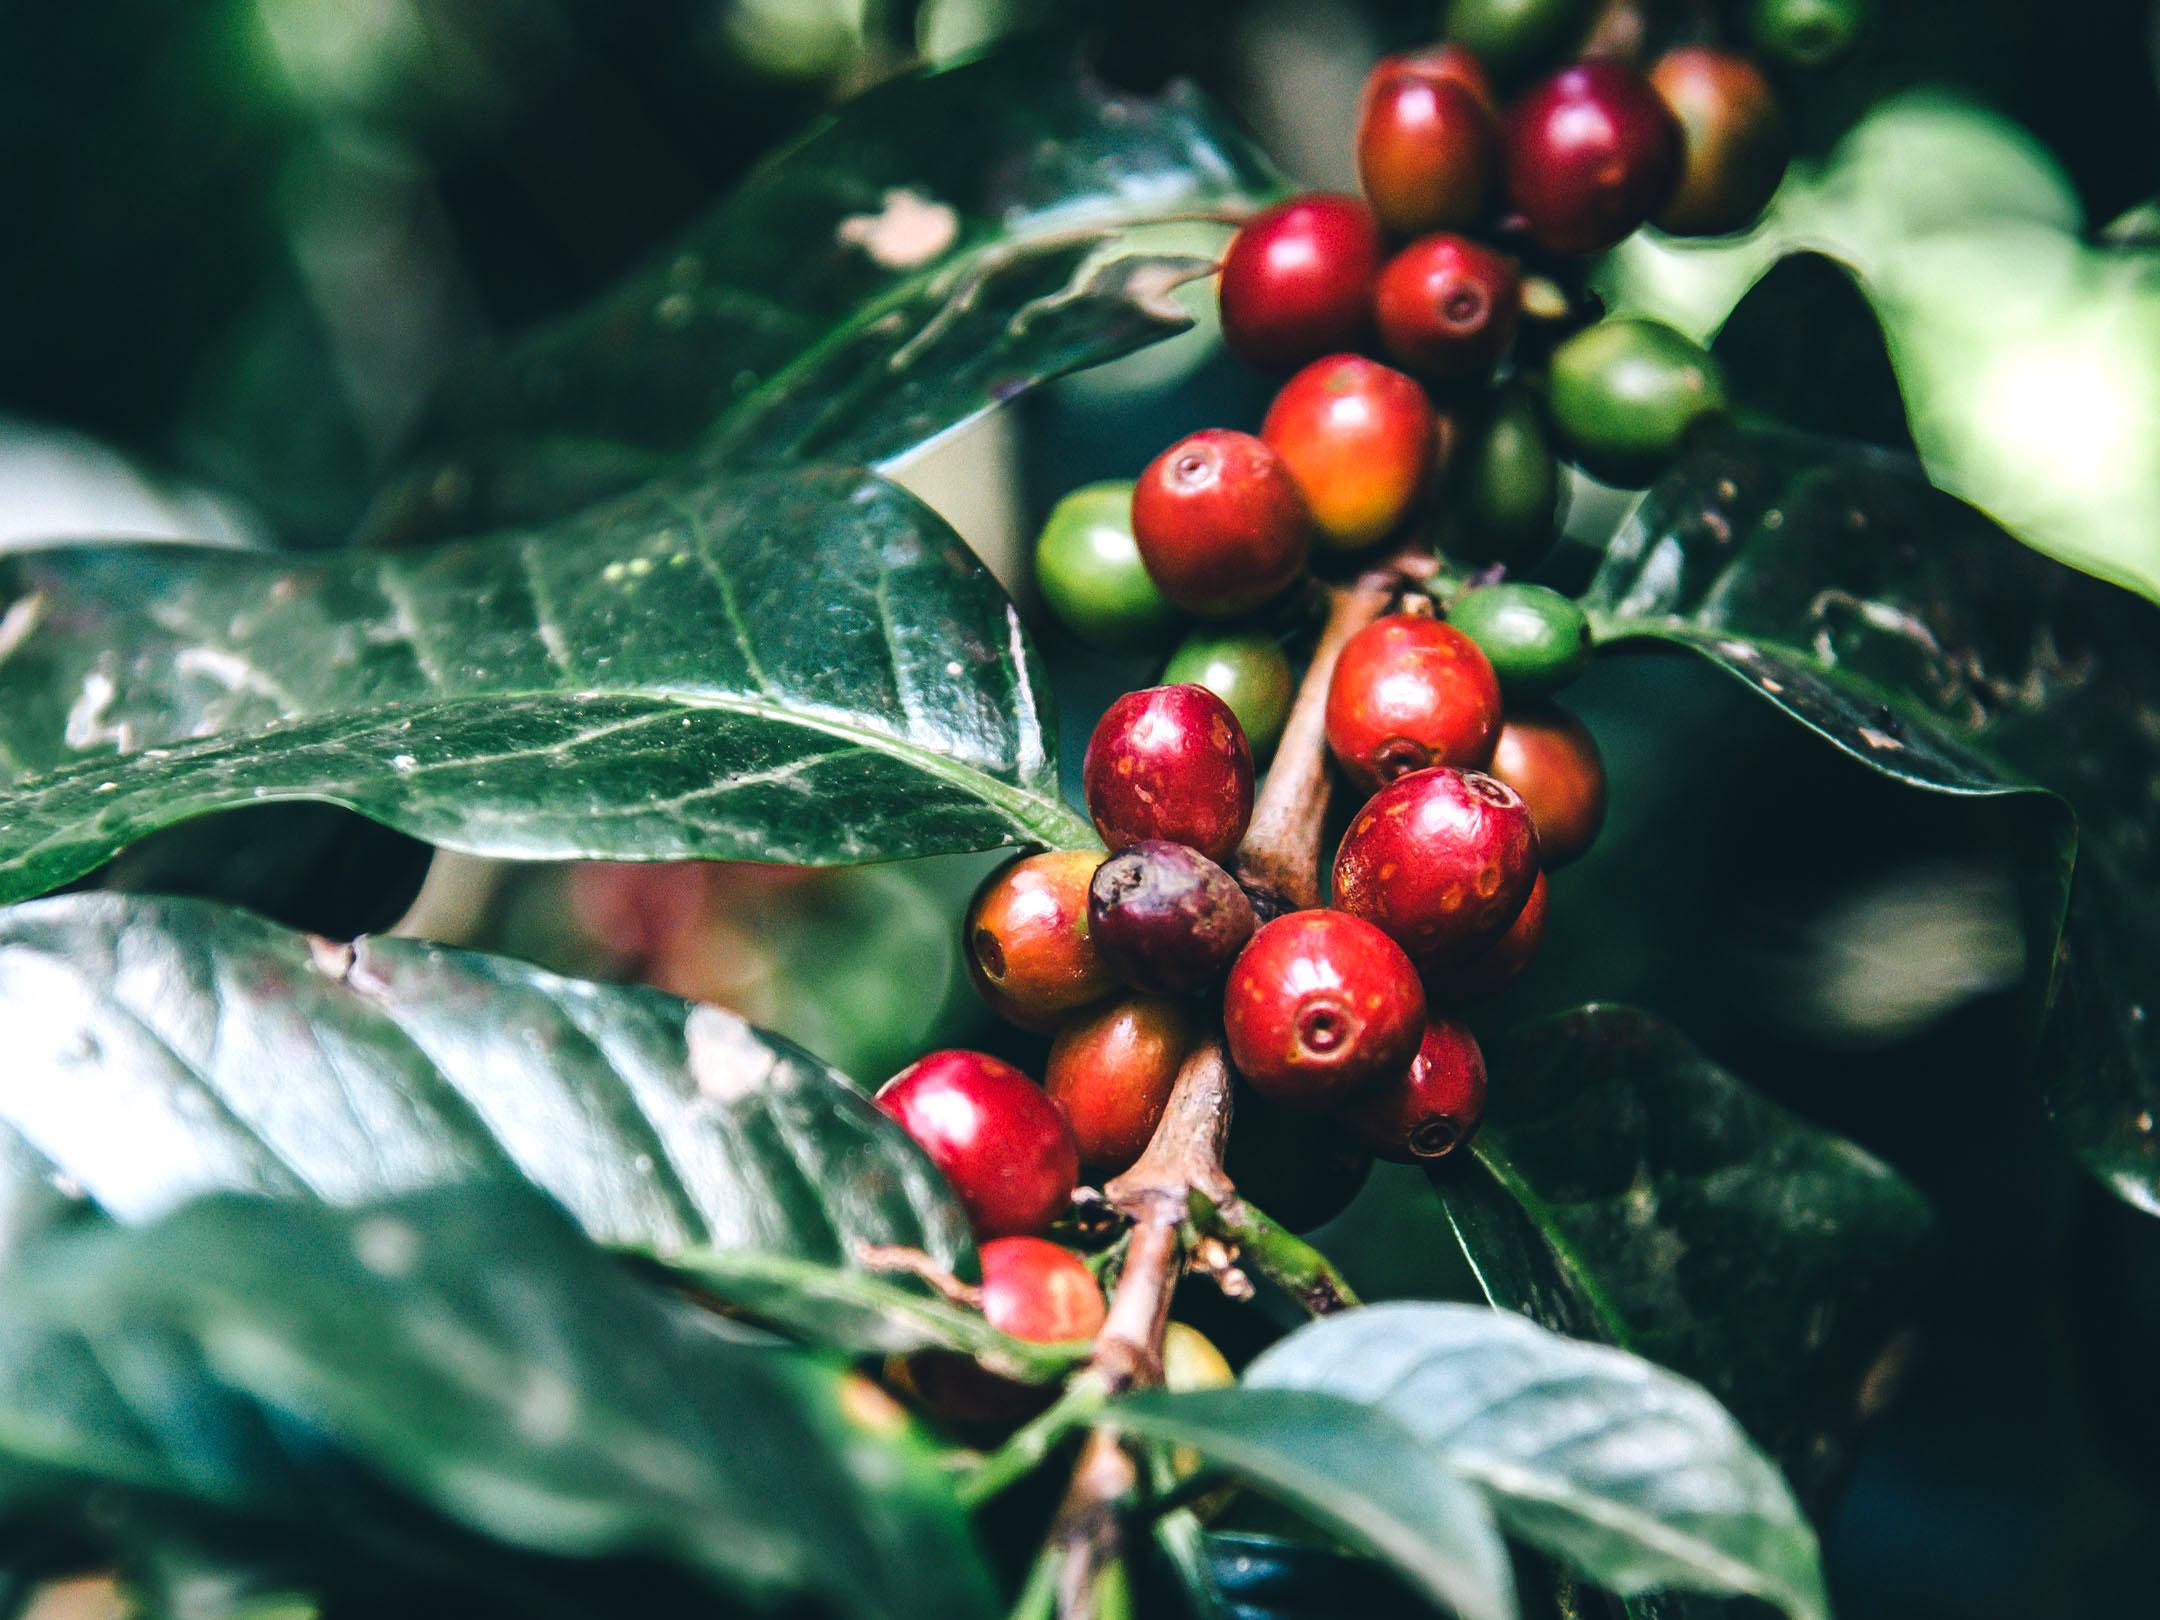 いろんなコーヒーがあるけれど、コーヒー豆の原種は、たった3種類。